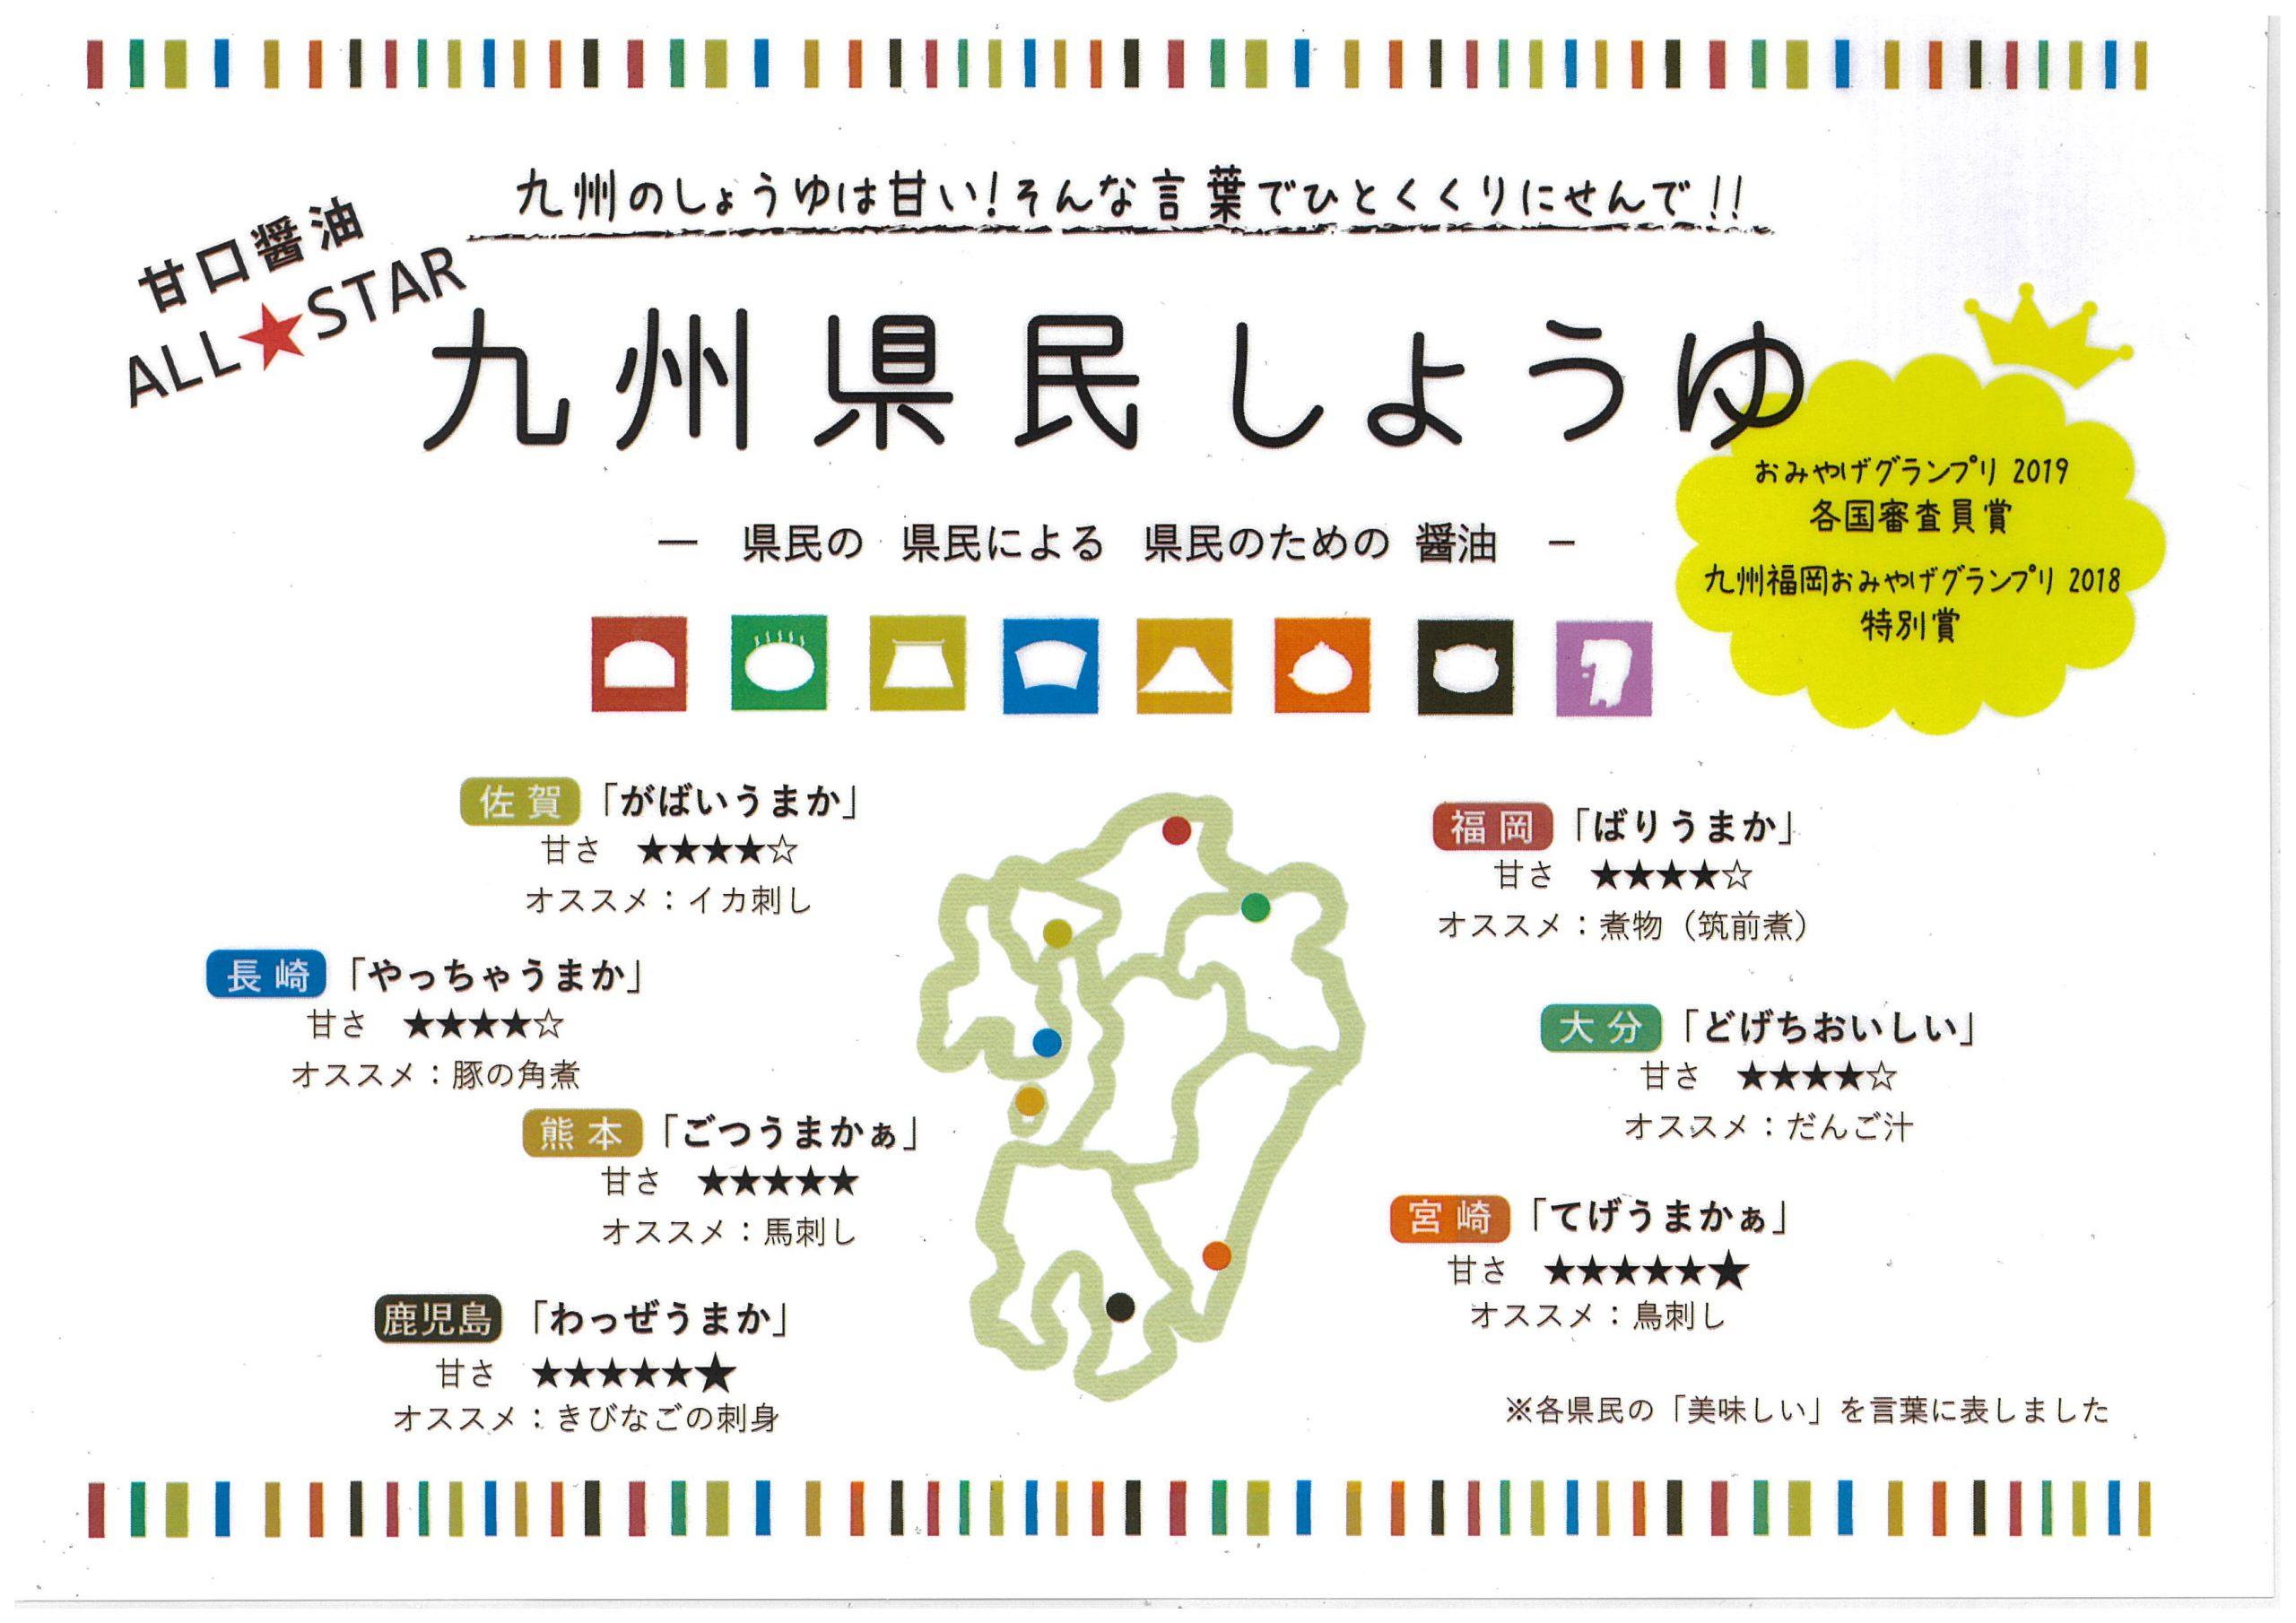 13-0032-kenminshouyu